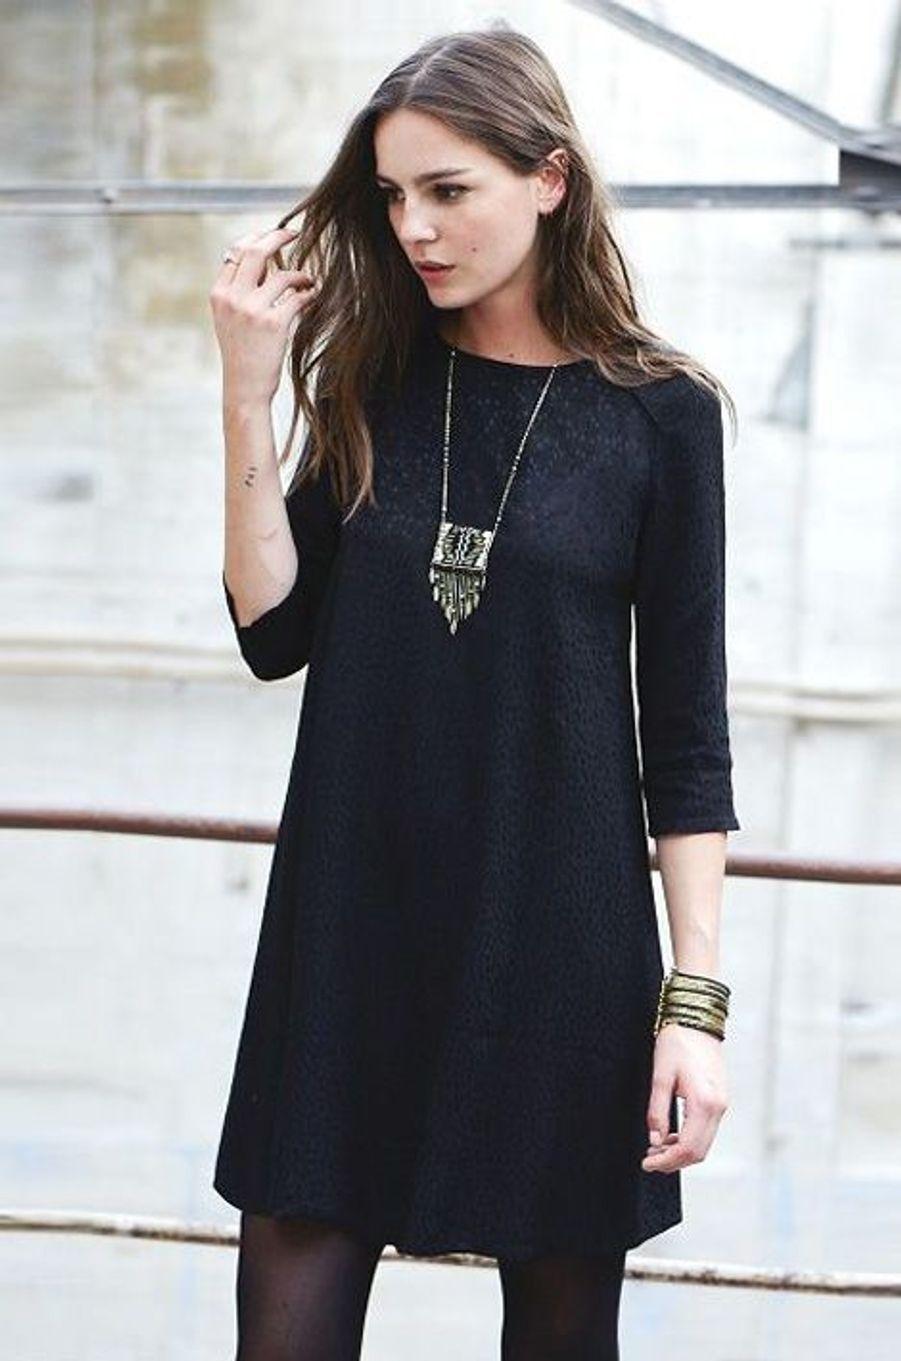 Manches trois- quart, collants opaques, la petite robe noire est ici dynamisée par des bijoux bohèmes.